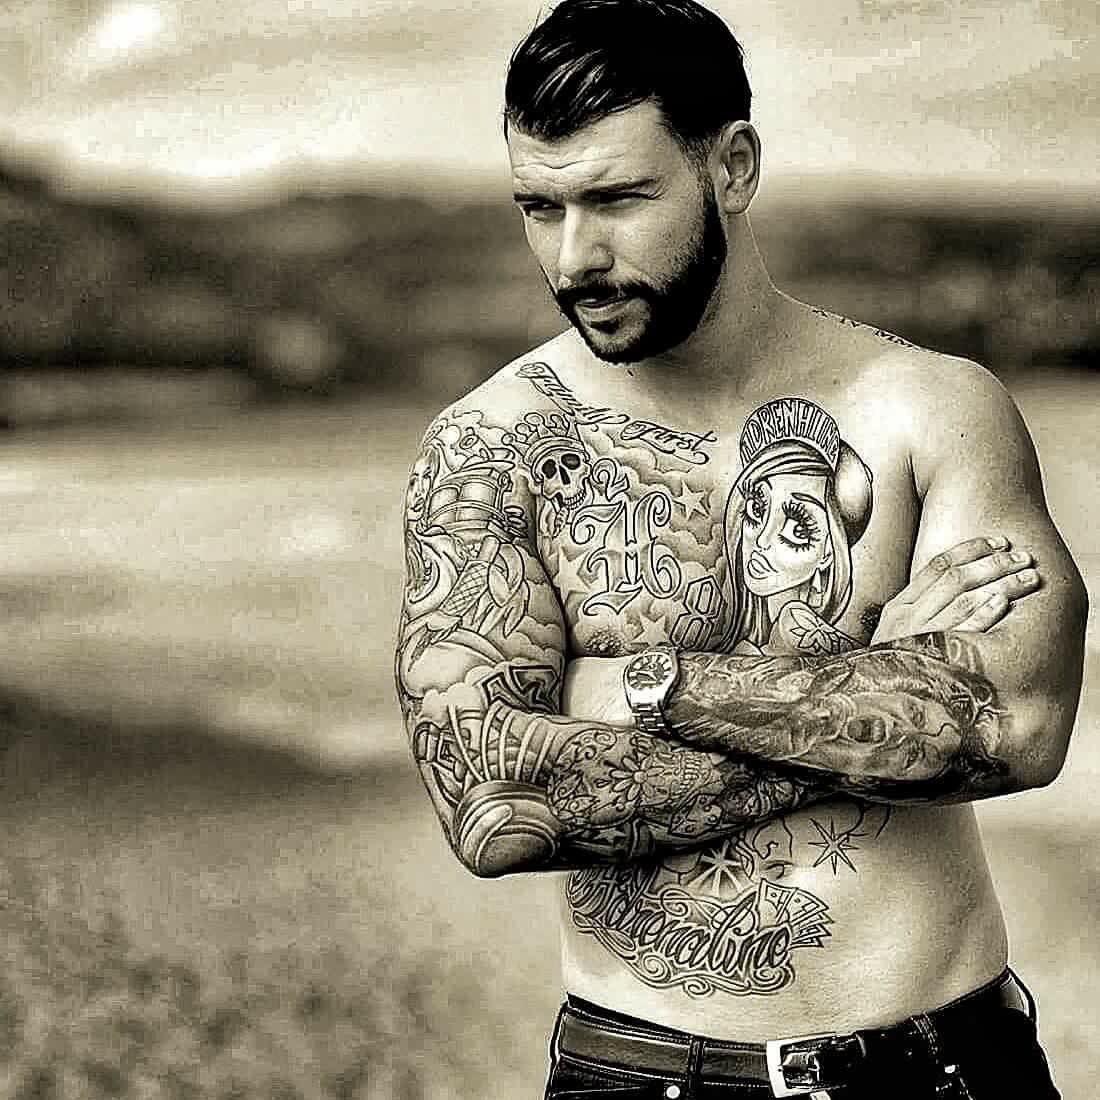 Tattoo Fixers Lou Fav: Jay - Tattoo Fixers